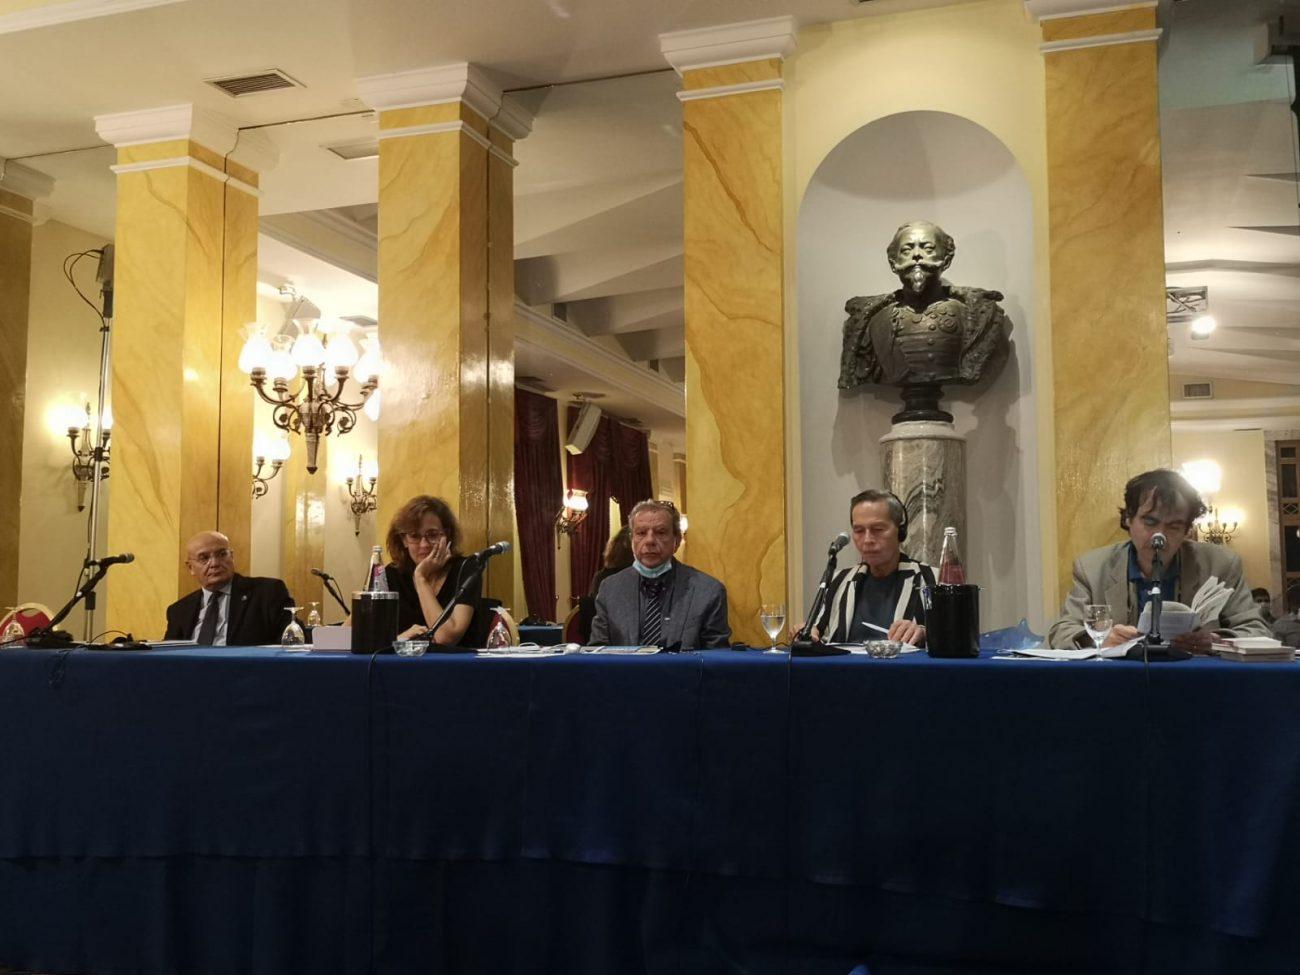 GIORNATA MONDIALE INSEGNANTI, GILDA: LA SCUOLA NON È UN PARCO GIOCHI